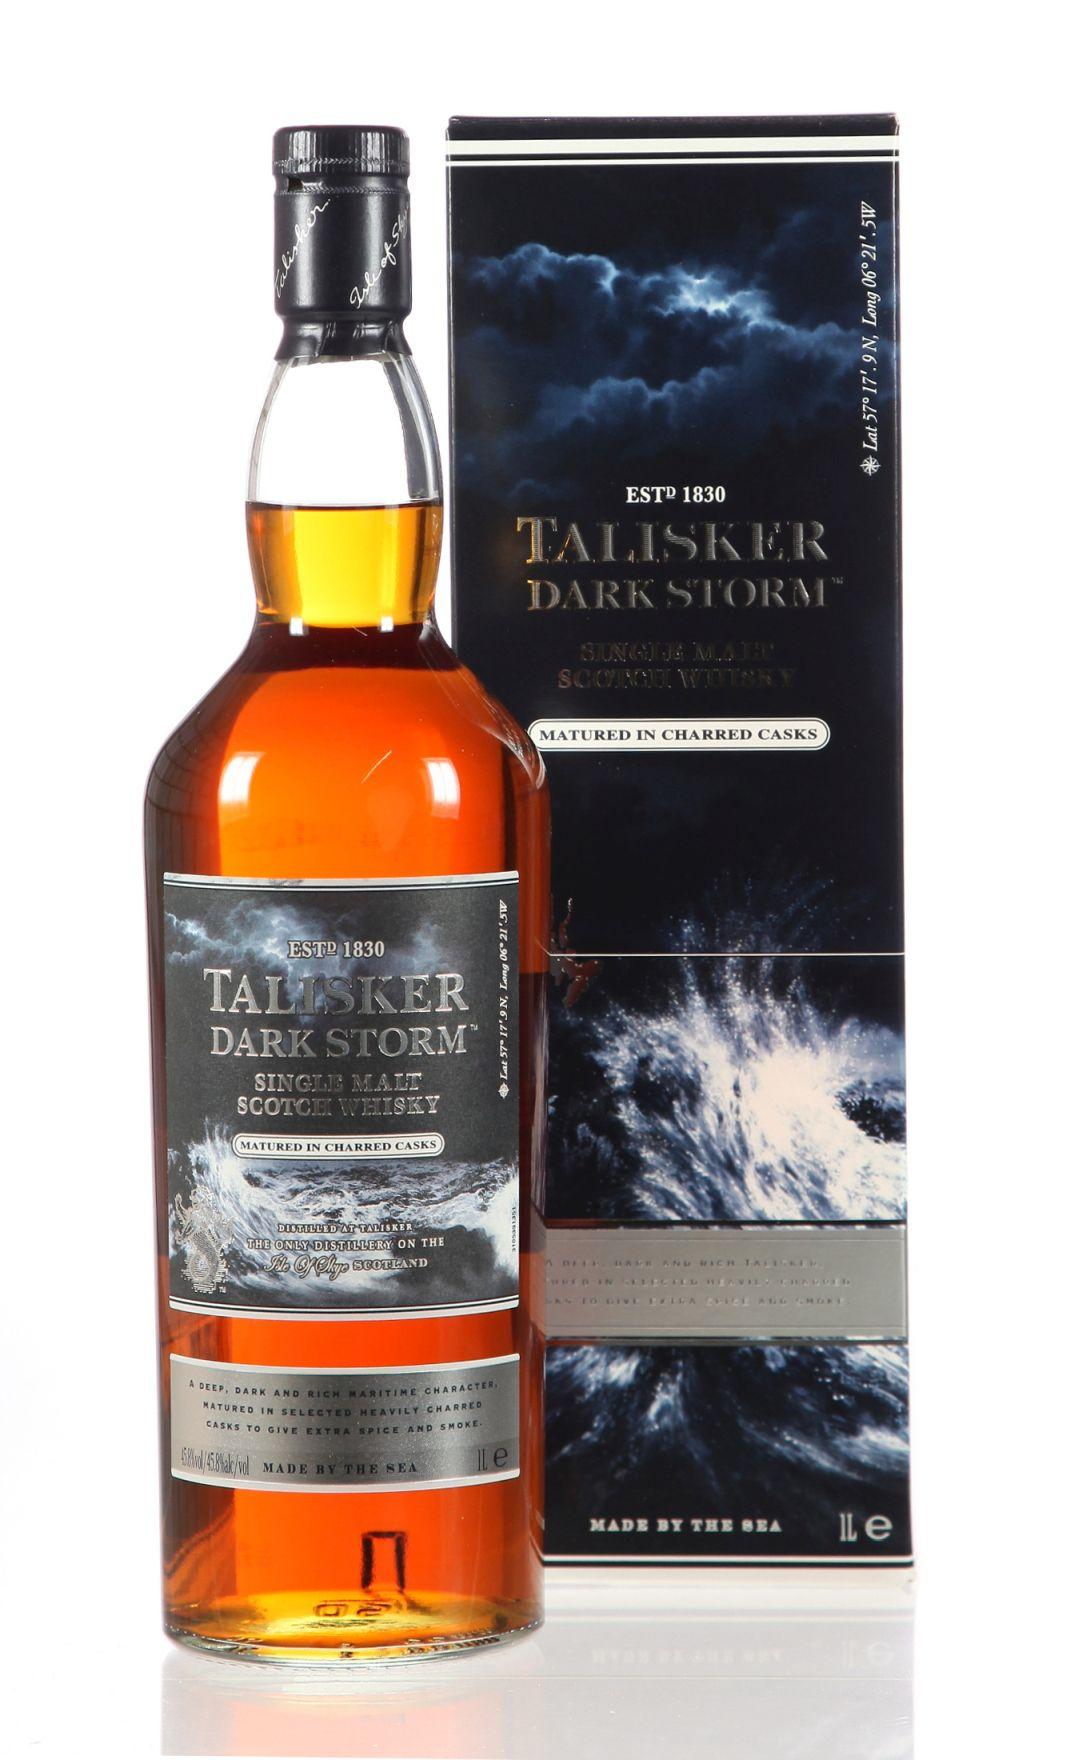 Rauchigster Whisky